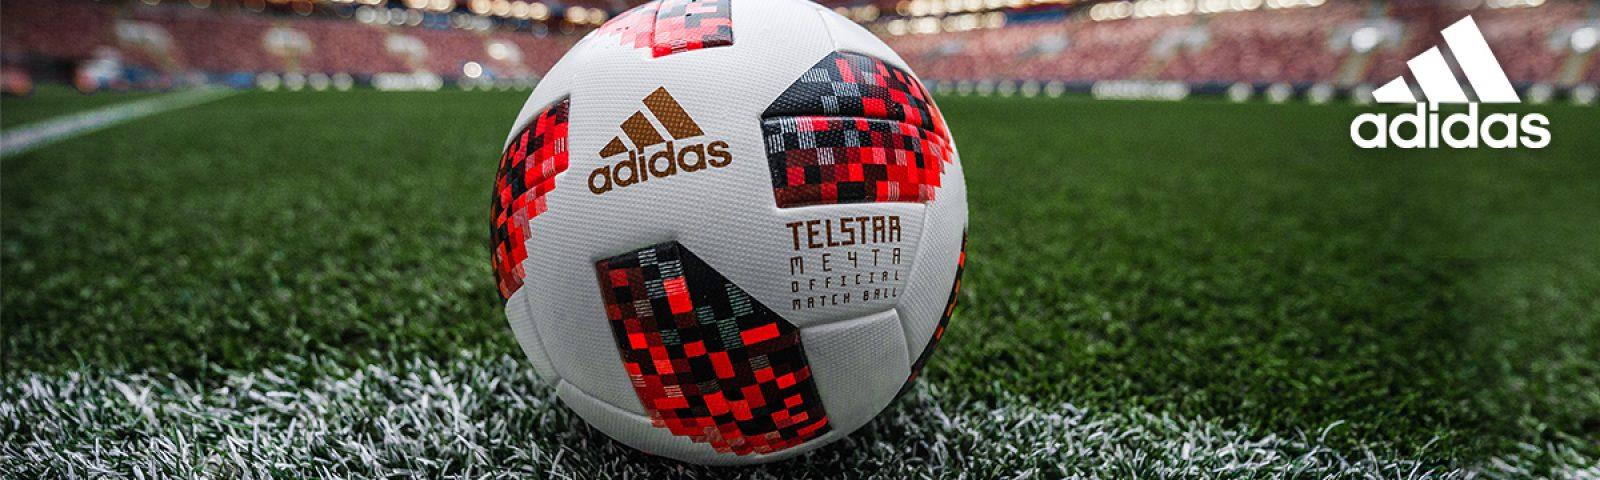 Podsumowanie mundialu, czyli nasi za granicą- adidas Telstar 18 Mechta